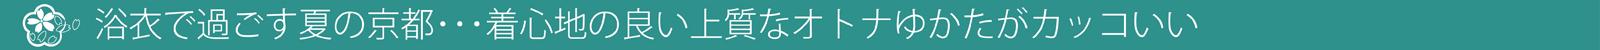 浴衣で過ごす夏の京都「上質オトナ浴衣レンタル」